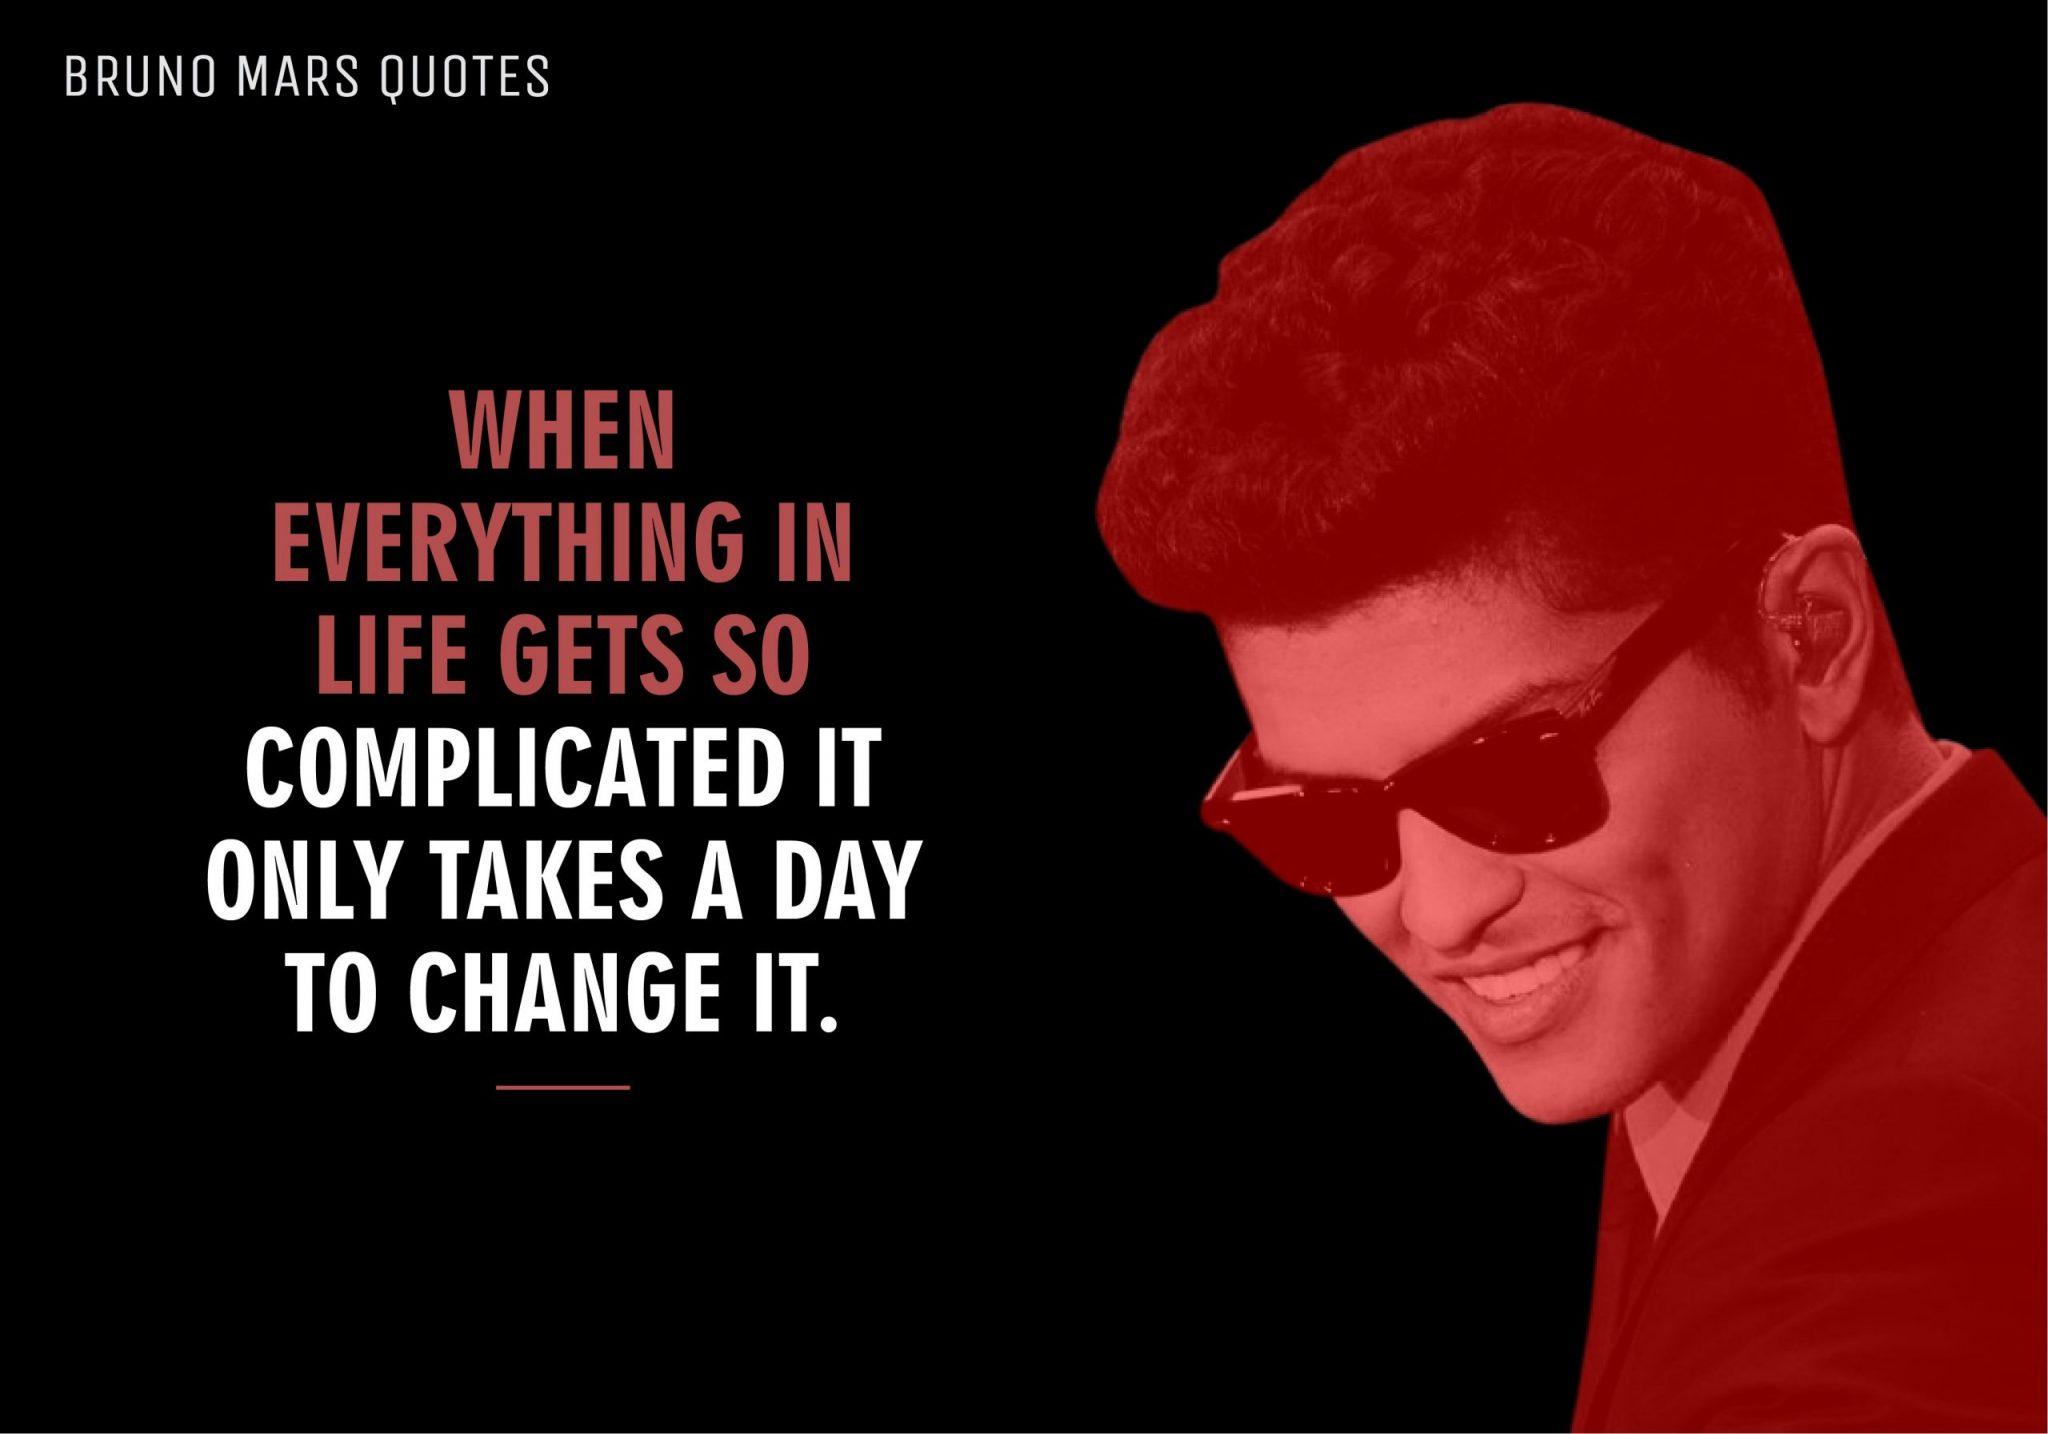 Bruno Mars Quotes (8)